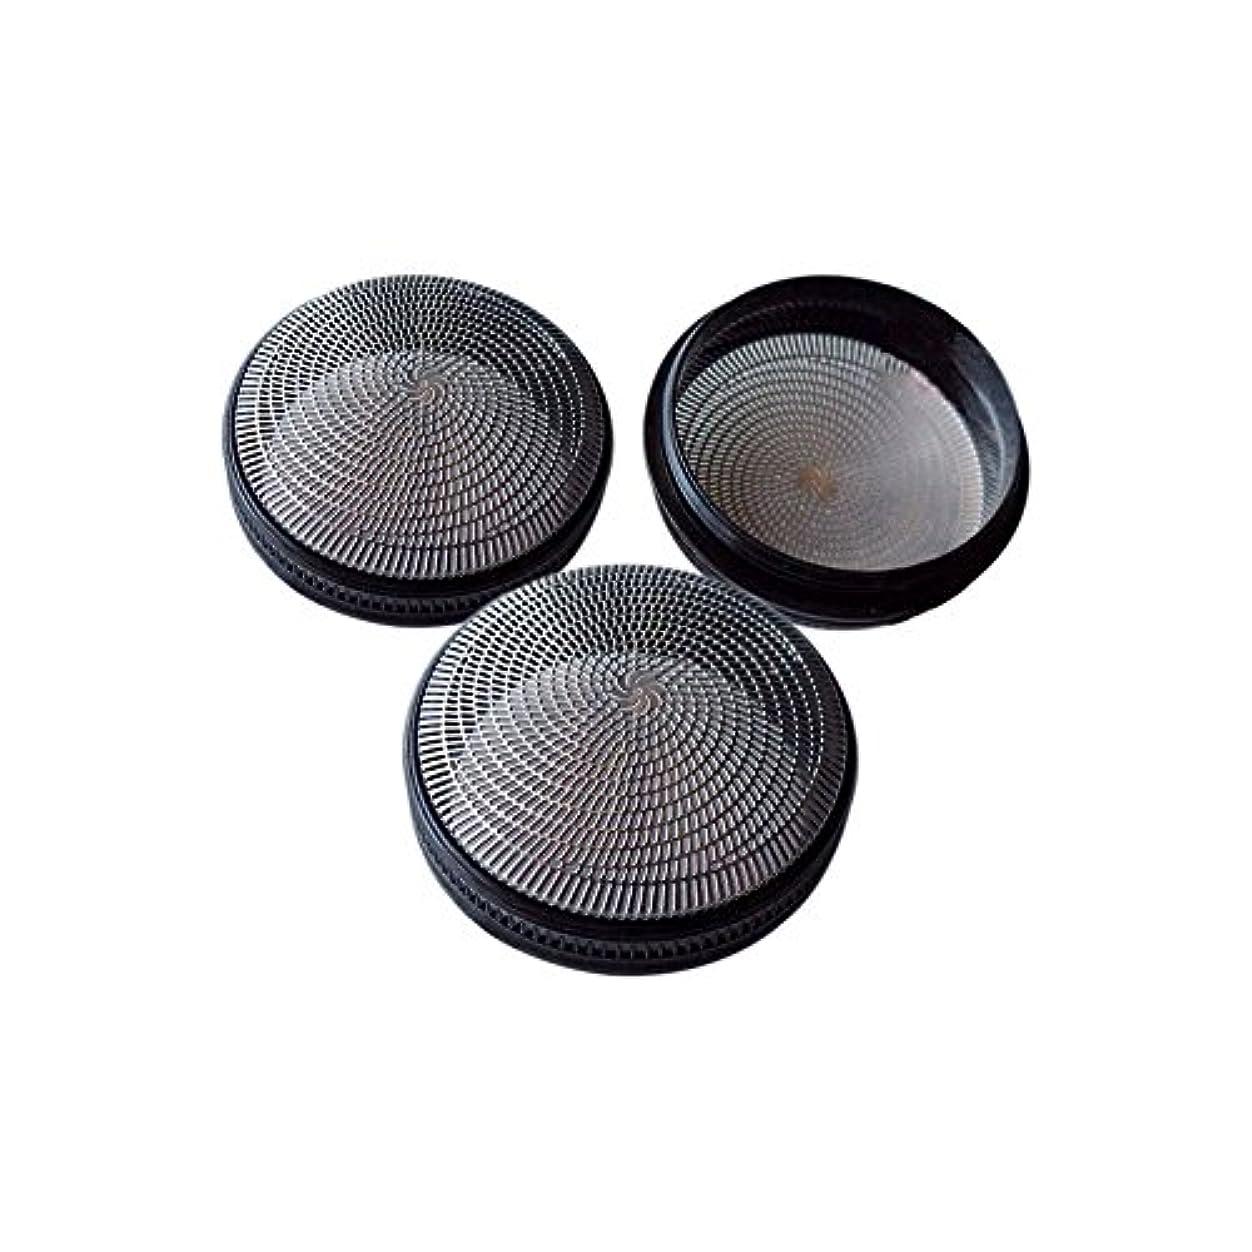 要求途方もないネズミXinvision 回転式シェーバー替刃 シェーバーパーツ シェーバー パーツ 部品 外刃 替刃 耐用 for Panasonic ES6510 ES6500 ES534